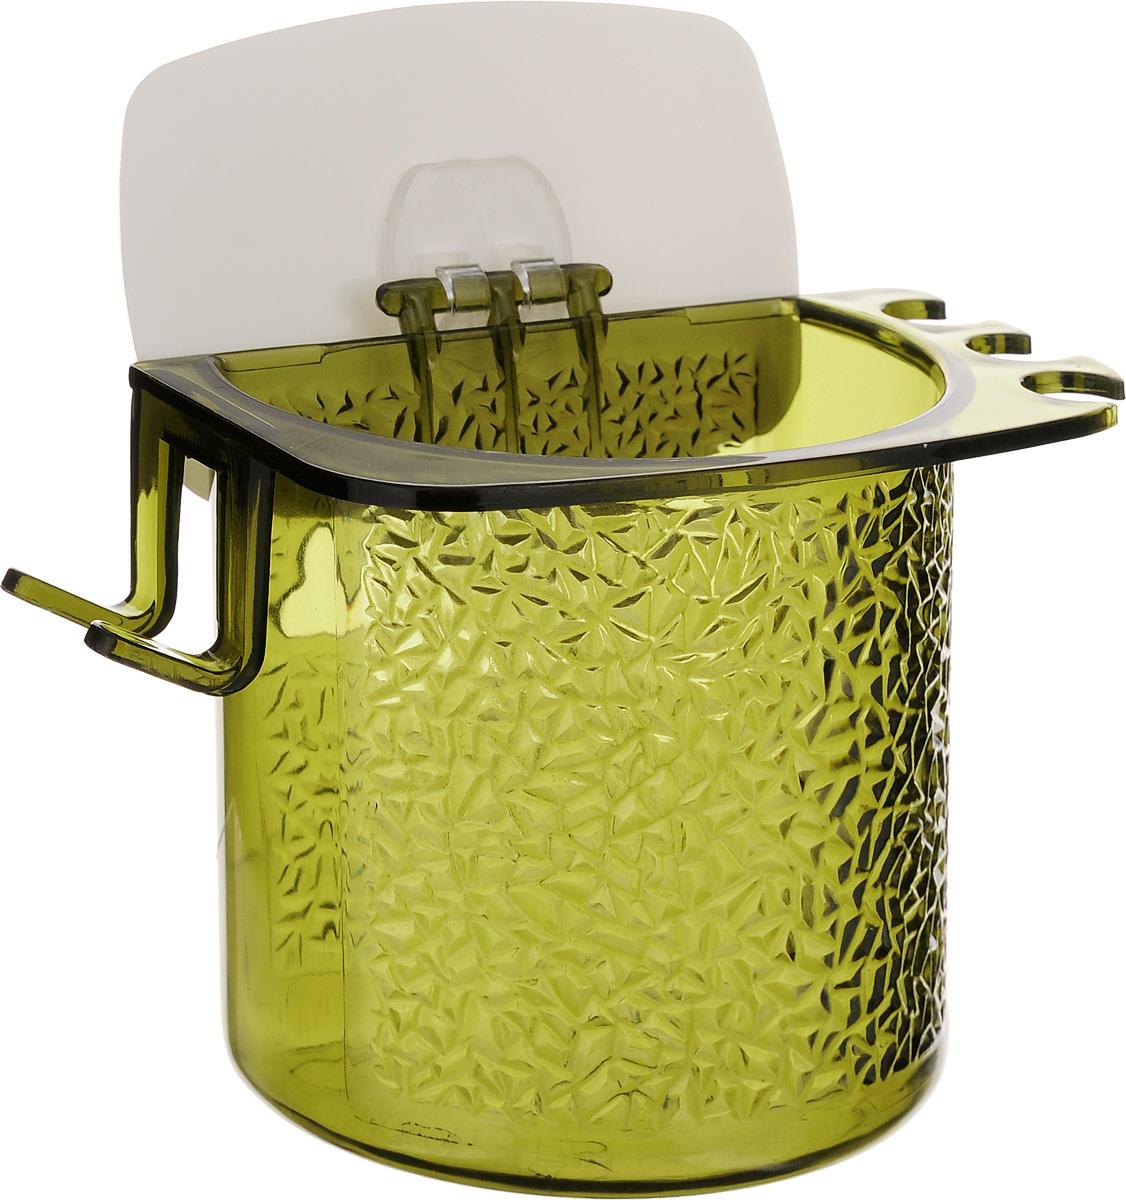 Стакан для ванной Fresh Code, на липкой основе, цвет: зеленый64945_зеленыйСтакан для ванной комнаты Fresh Code выполнен из ABS пластика. Крепление на липкой основе многократного использования идеально подходит для гладкой поверхности. С оборотной стороны изделие оснащено двумя отверстиями для удобного размещения на стене.В стакане удобно хранить зубные щетки, пасту и другие принадлежности. Аксессуары для ванной комнаты Fresh Code стильно украсят интерьер и добавят в обычную обстановку яркие и модные акценты. Стакан идеально подойдет к любому стилю ванной комнаты.